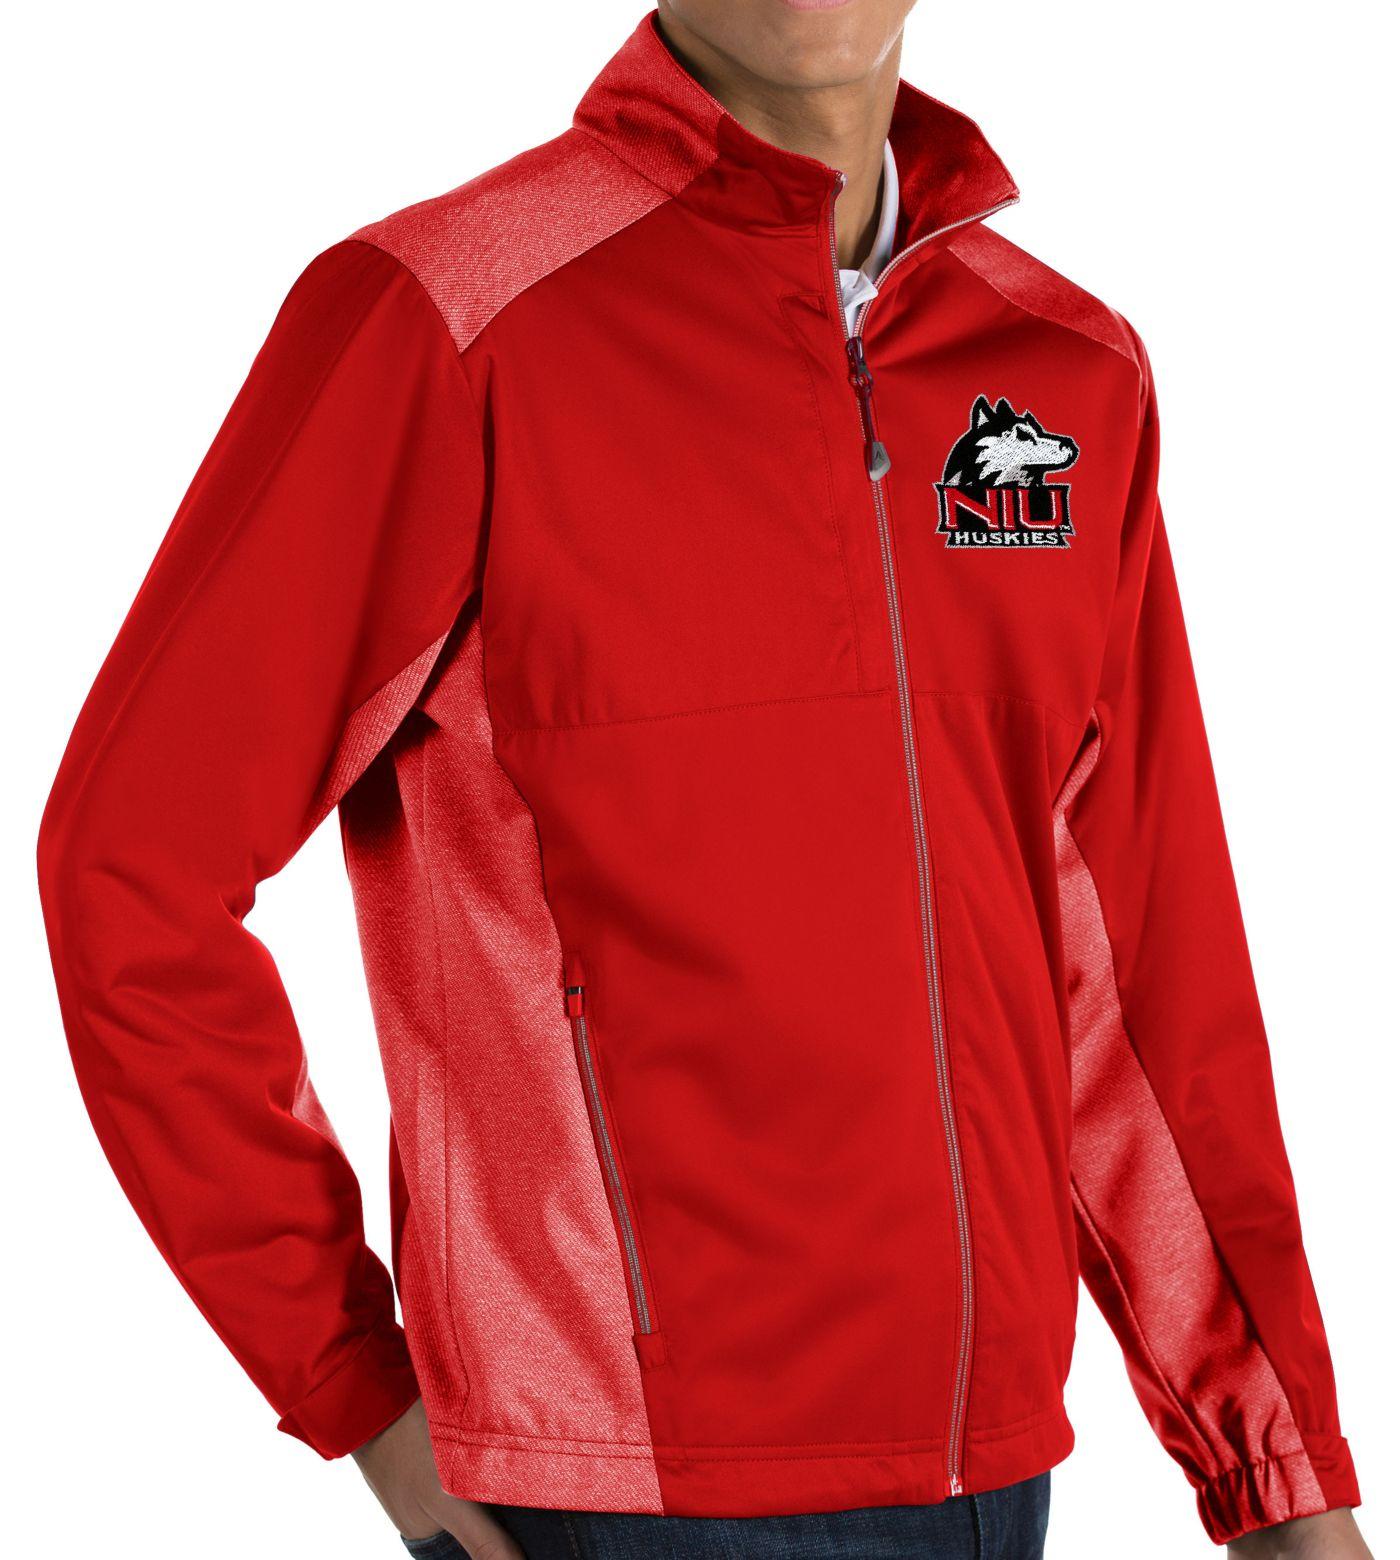 Antigua Men's Northern Illinois Huskies Cardinal Revolve Full-Zip Jacket